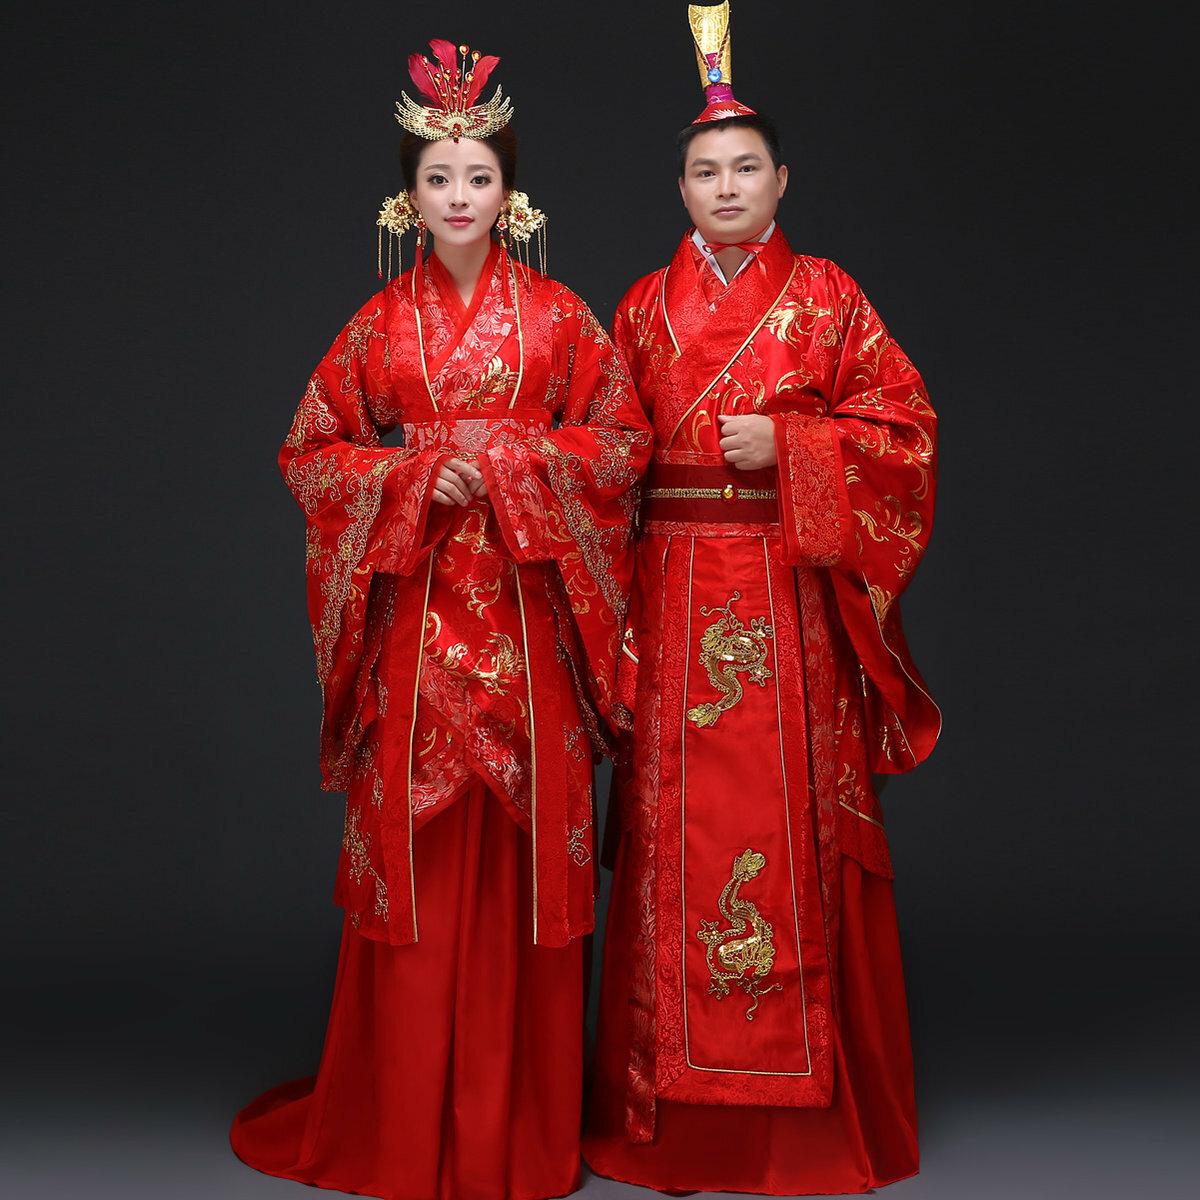 них картинки китайцев в национальной одежде это очень